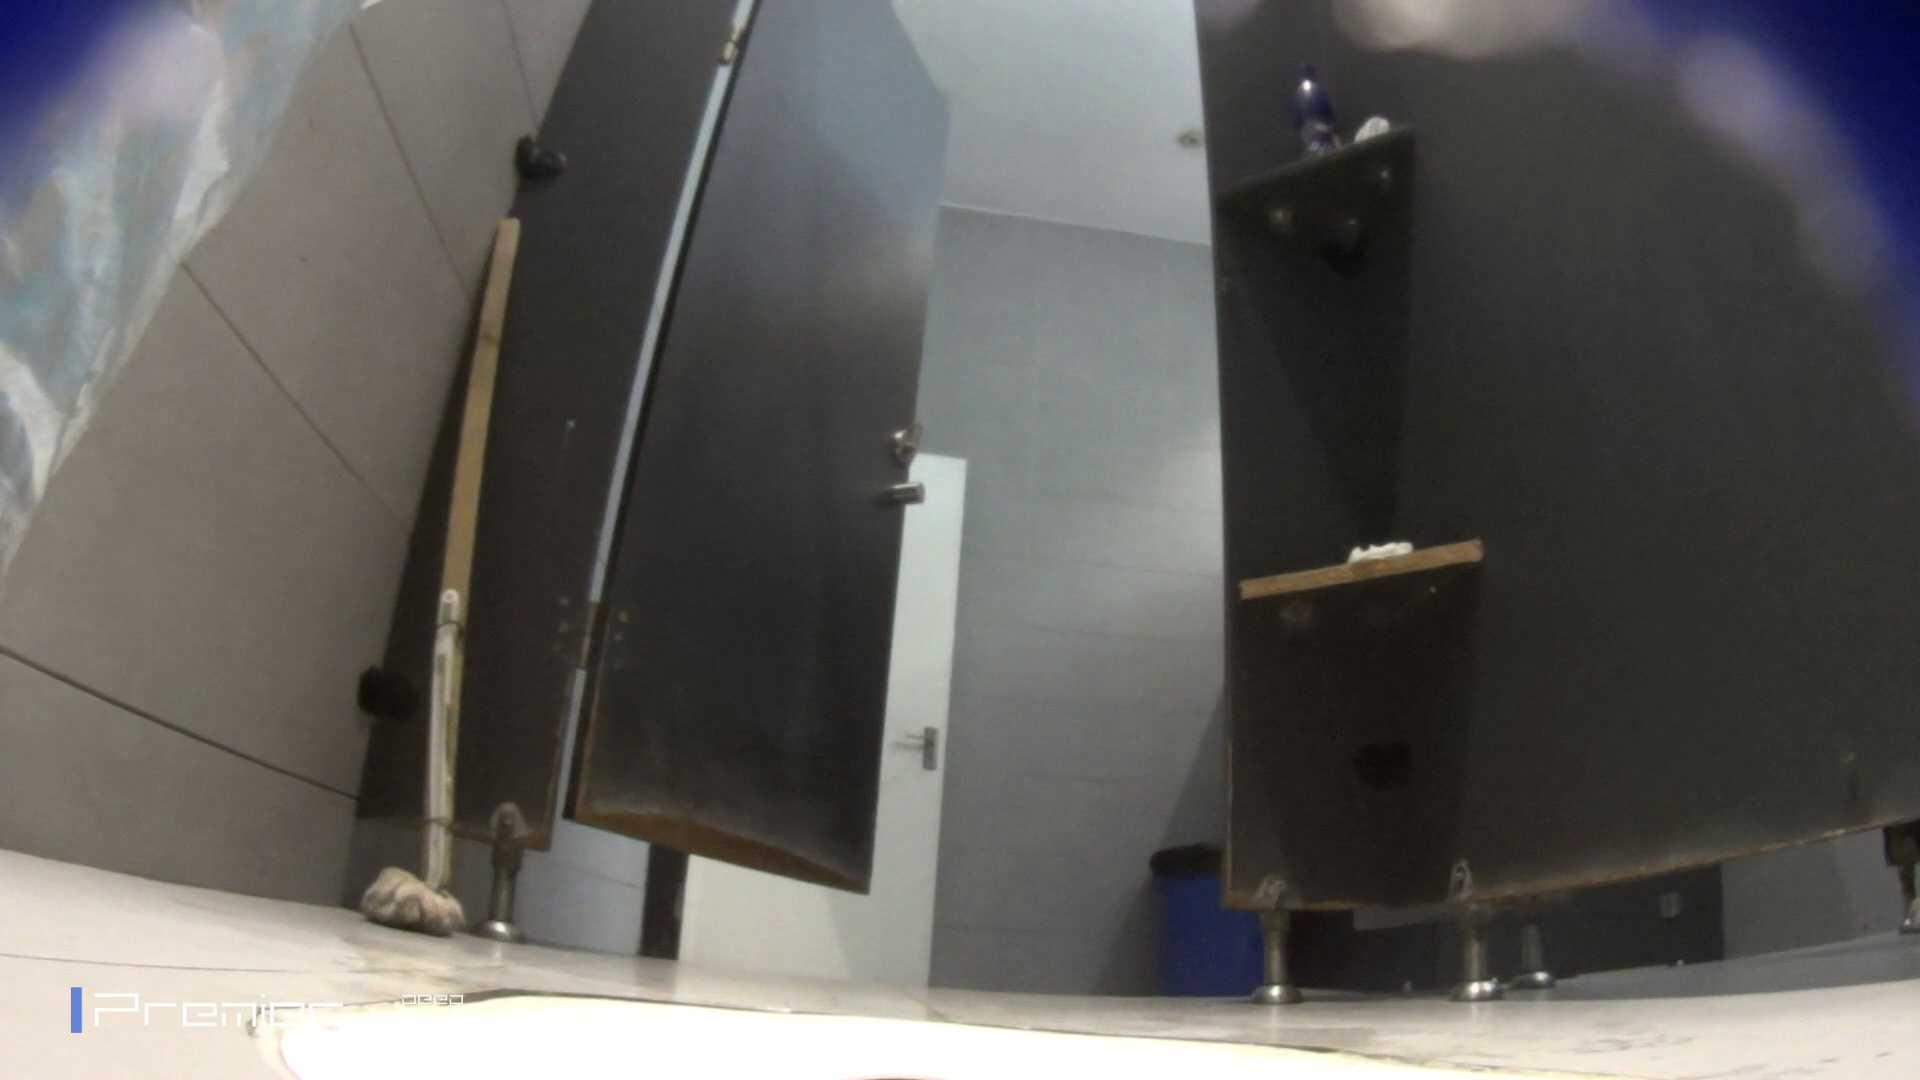 フロントから丸見え! 大学休憩時間の洗面所事情60 丸見え 盗撮ワレメ無修正動画無料 45pic 29